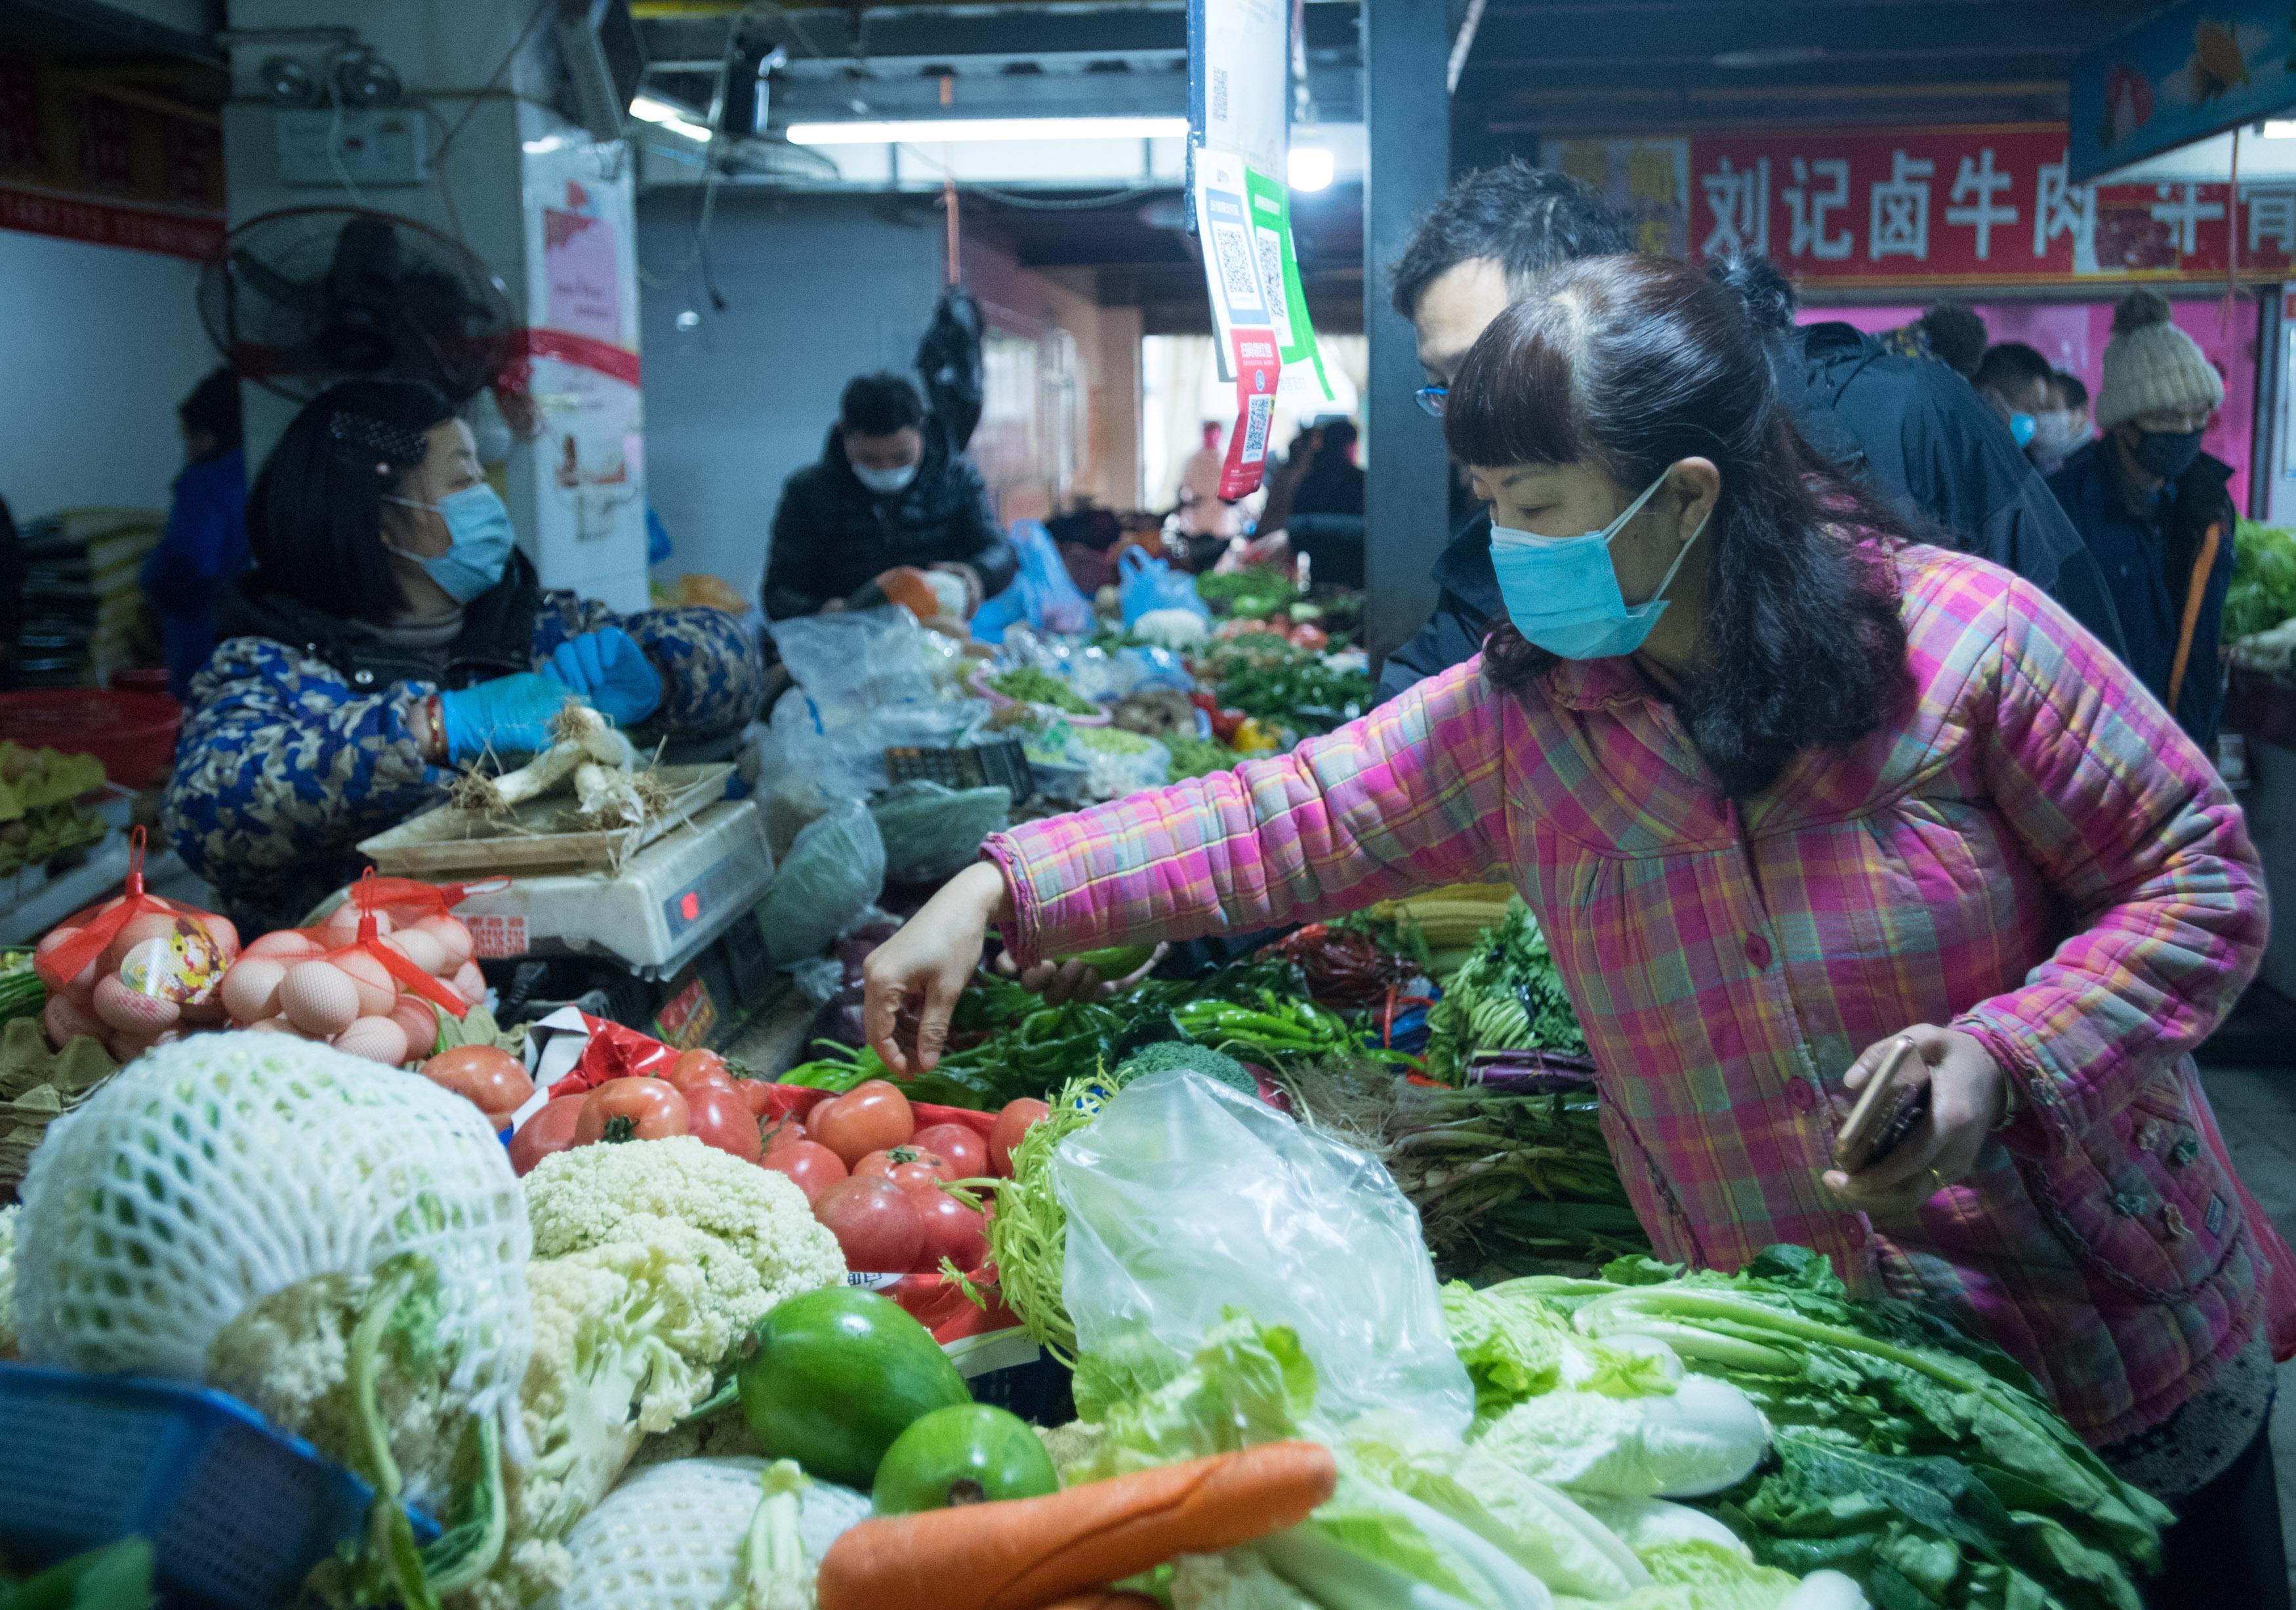 Suspenden transporte público en más ciudades de Hubei para contener propagación de virus